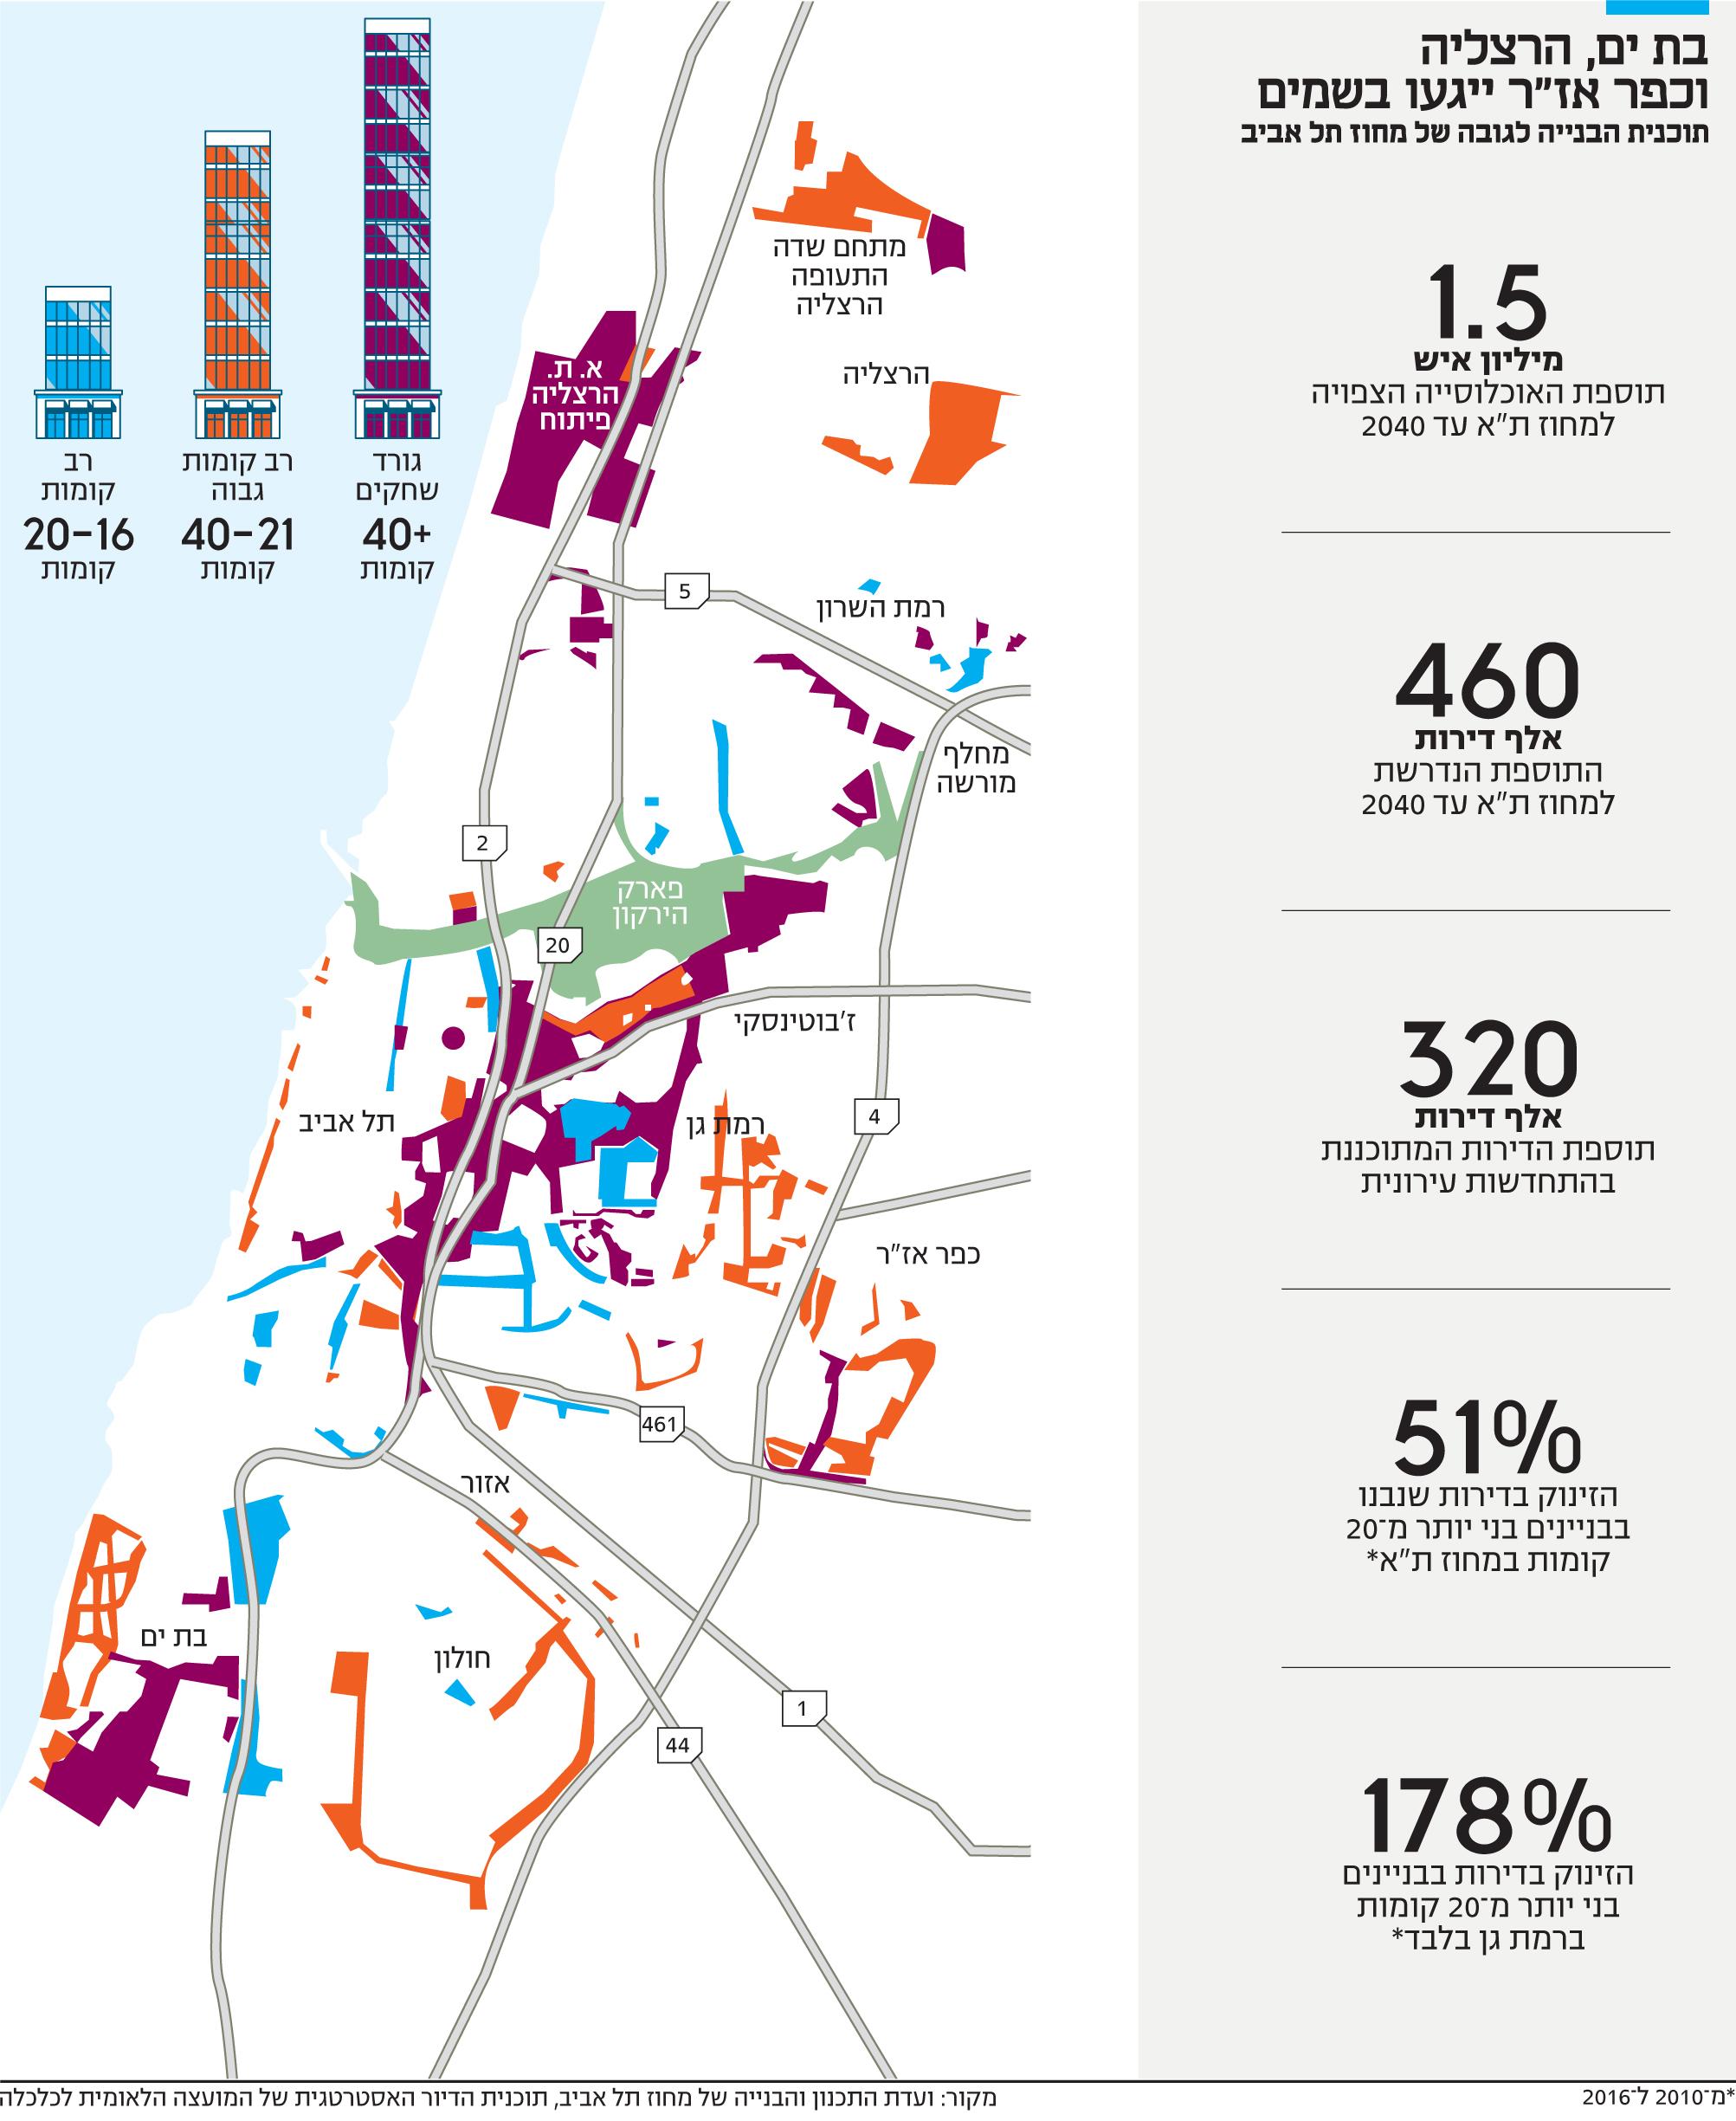 אינפו כלכלה מפת מגדלי מגורים גוש דן  ()